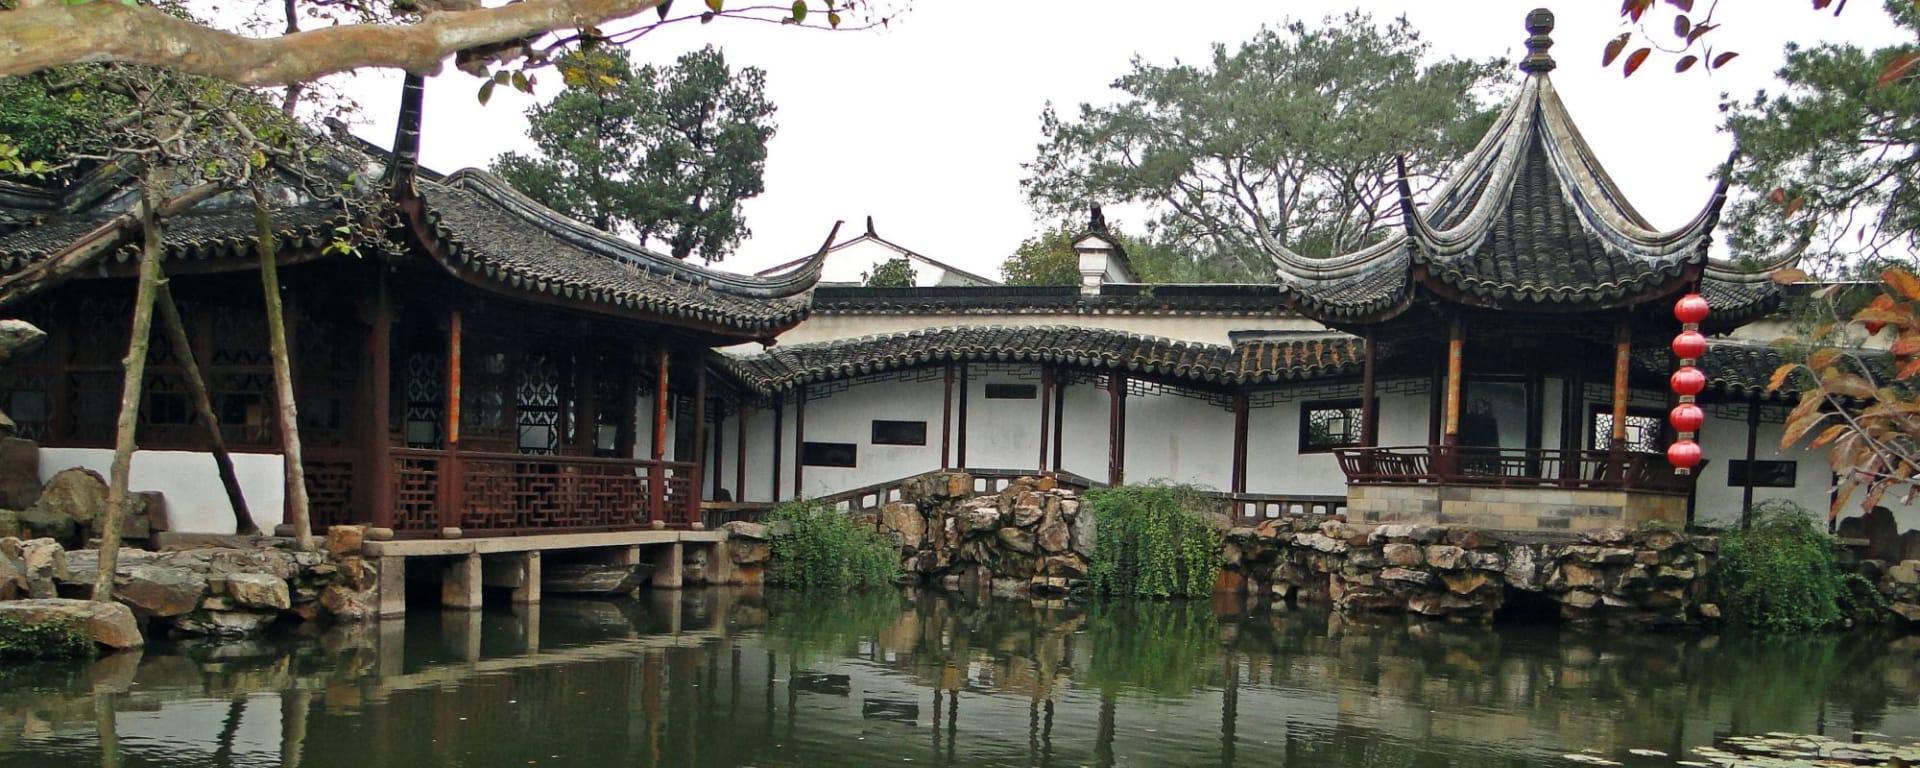 Escapade Tongli – Suzhou – Hangzhou de Shanghai: Suzhou: Garden of Net's Master